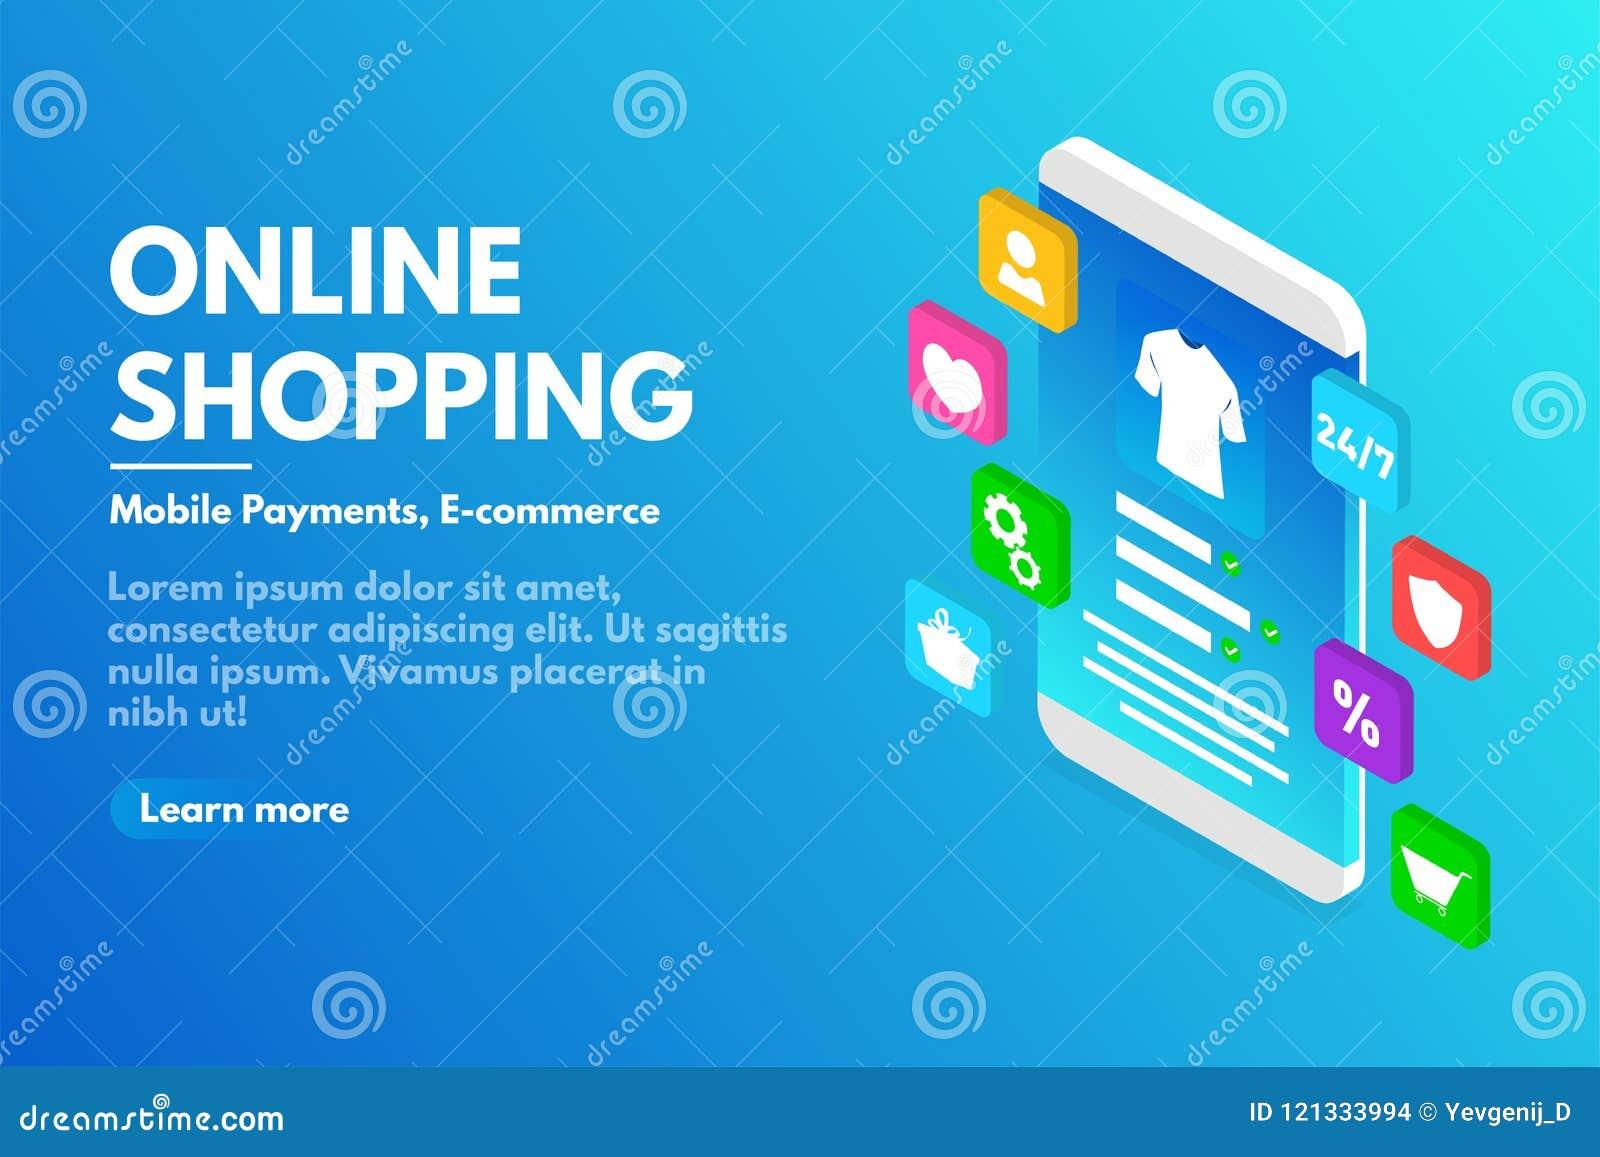 Auf weißem background Isometrischer Smartphone mit Benutzerschnittstelle E-Commerce und Online-Shop-Konzept